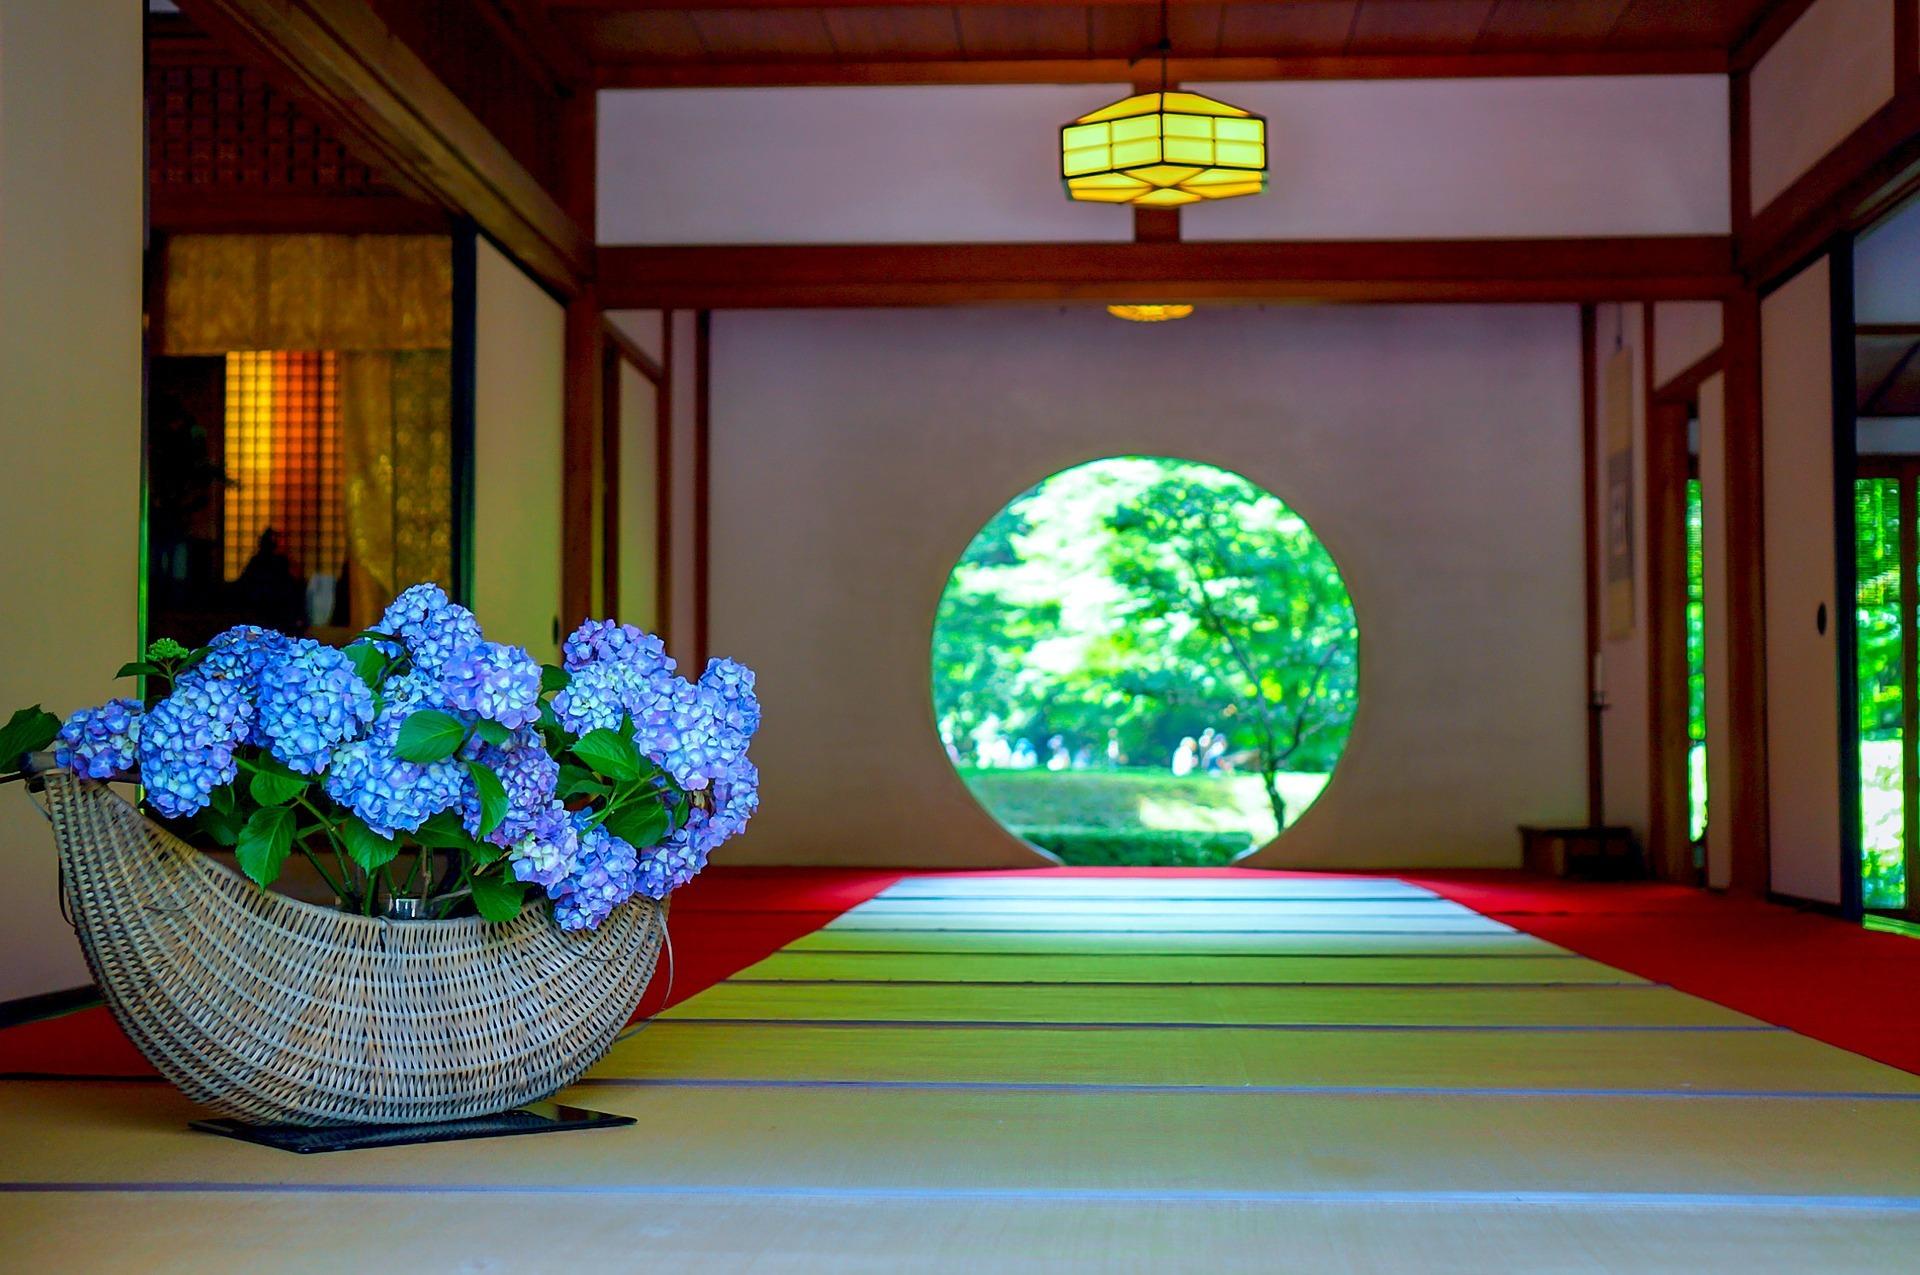 【第1回】鎌倉の未来について考え、行動するためのワークショップ〜地域の魅力を集める